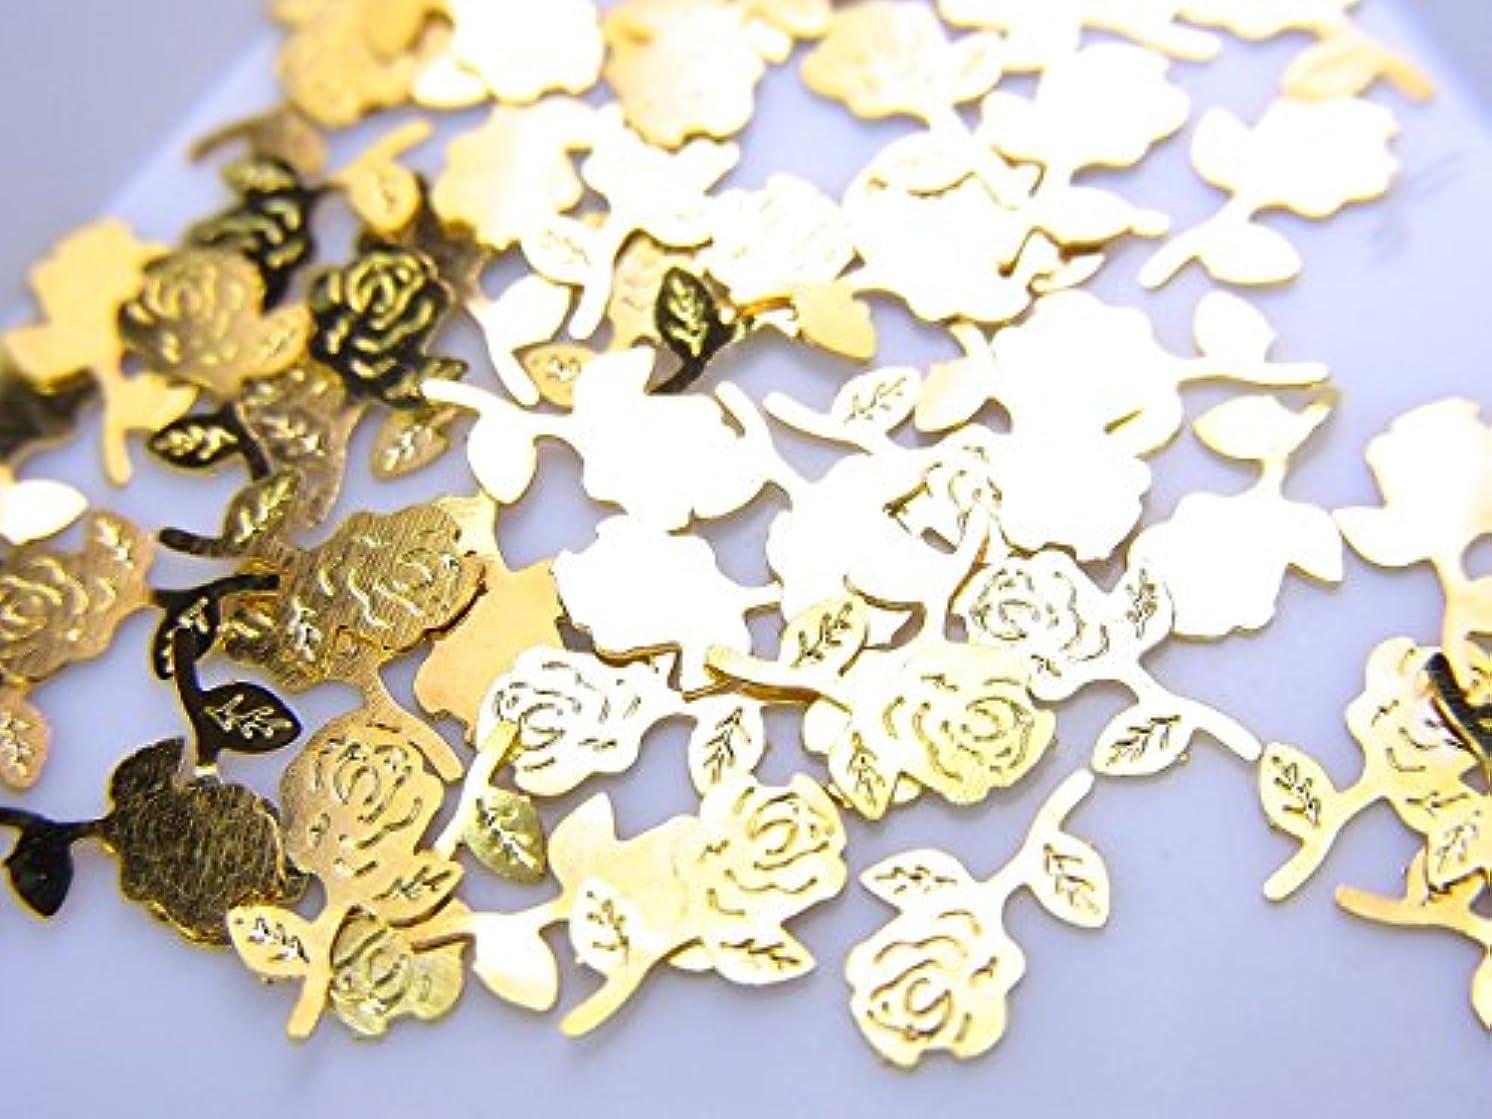 窒素明るくする矩形【jewel】薄型ネイルパーツ ゴールド 薔薇 バラ10個